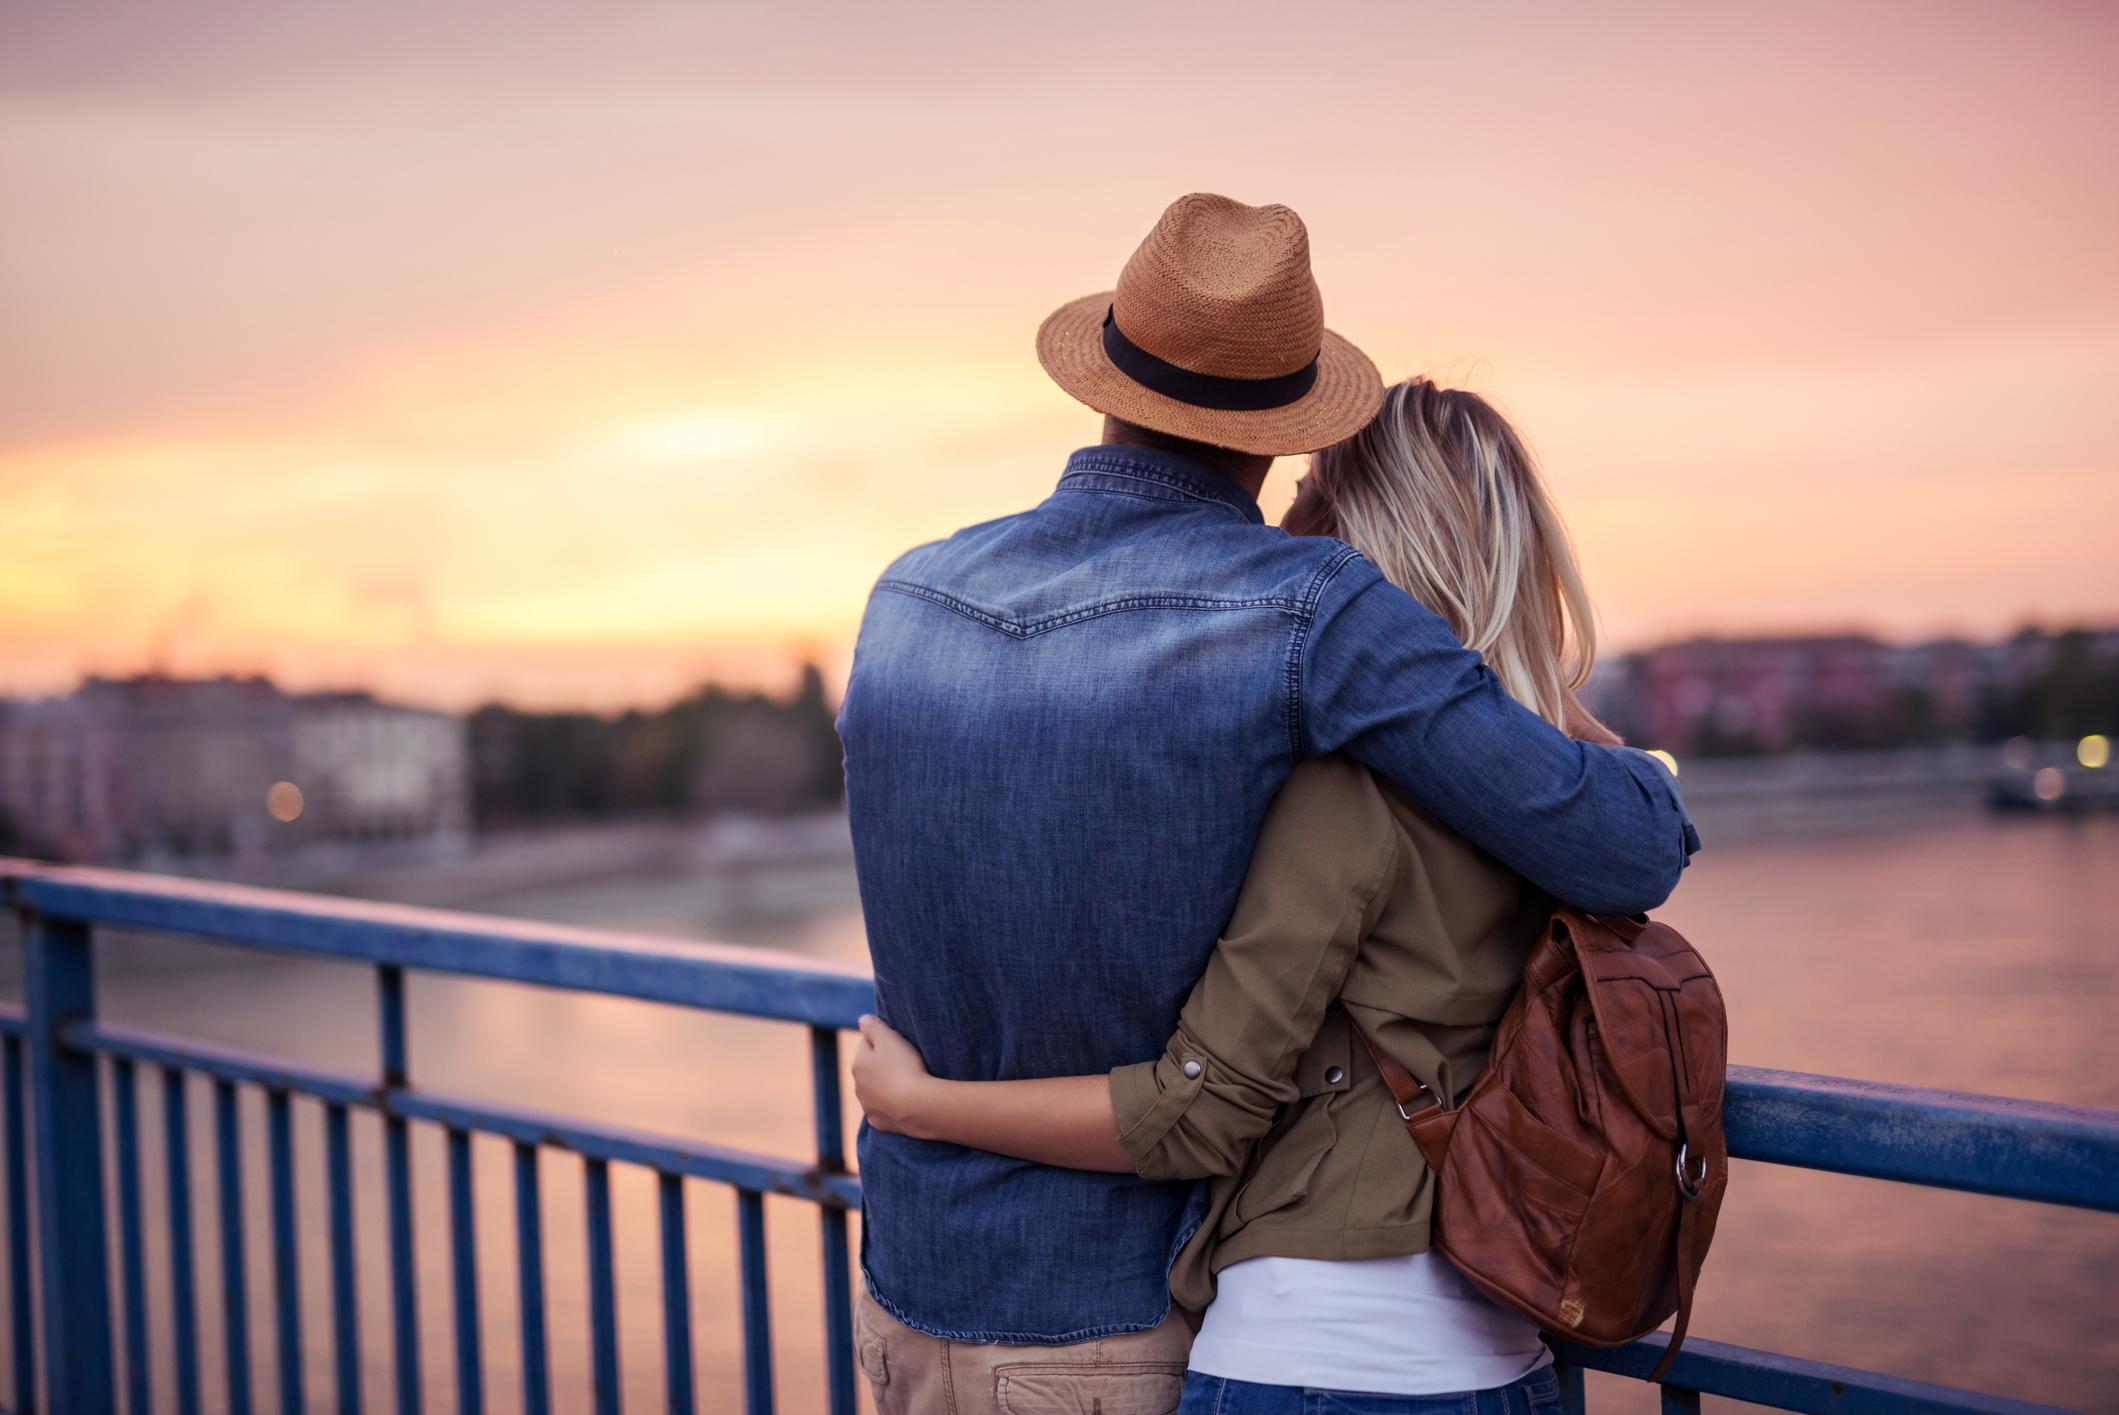 χαλαρή ταχύτητα dating δωρεάν ραντεβού χωρίς πληρωμή